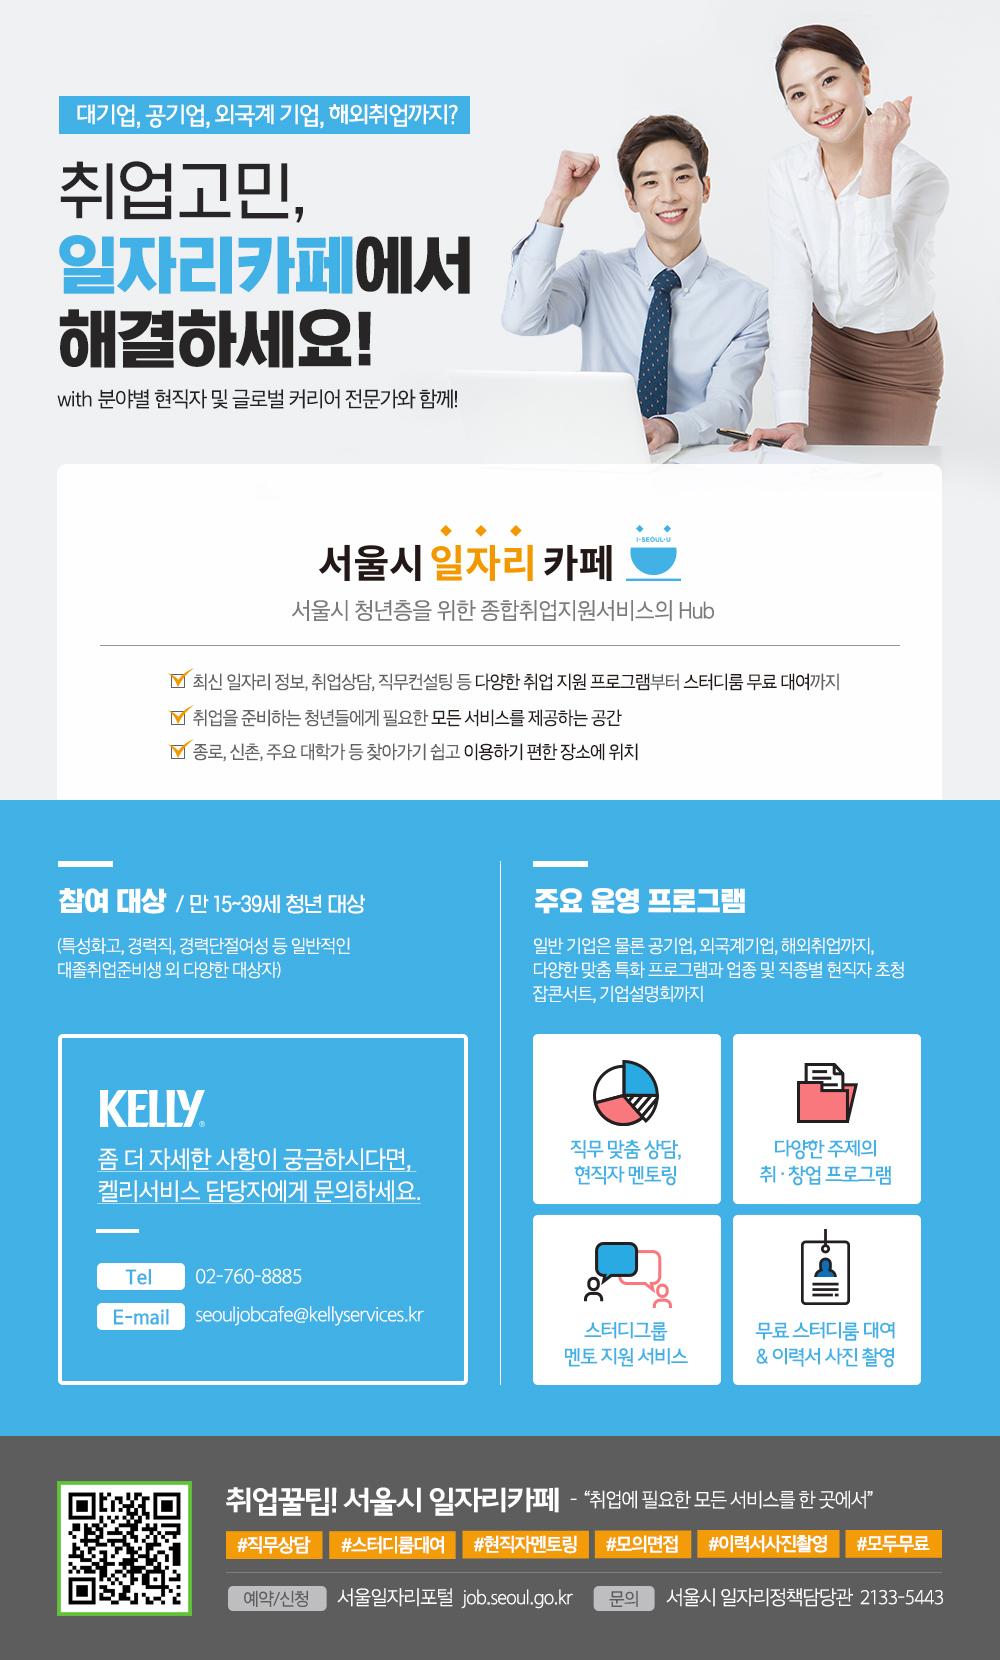 취준생 잡학사전 - 서울시 일자리카페 무료 취업지원 프로그램